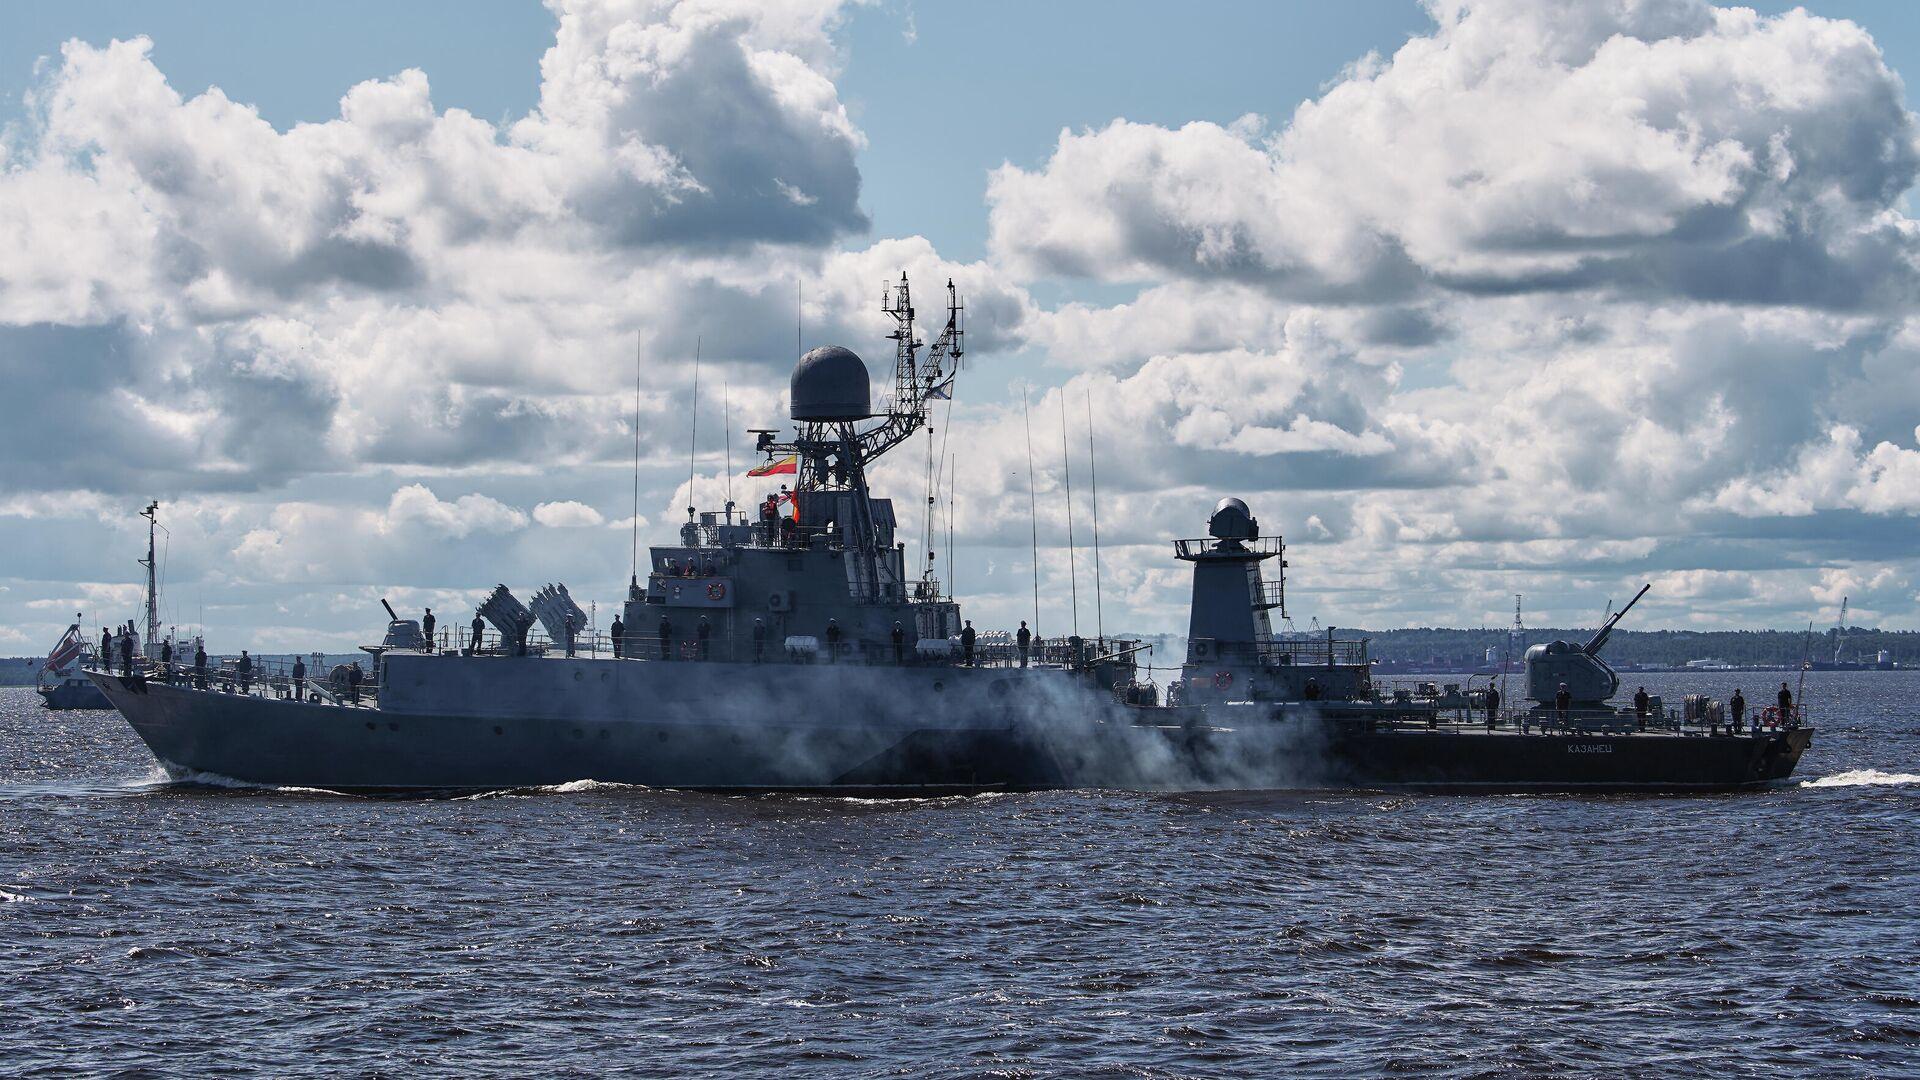 Малый противолодочный корабль Казанец  - РИА Новости, 1920, 10.12.2020